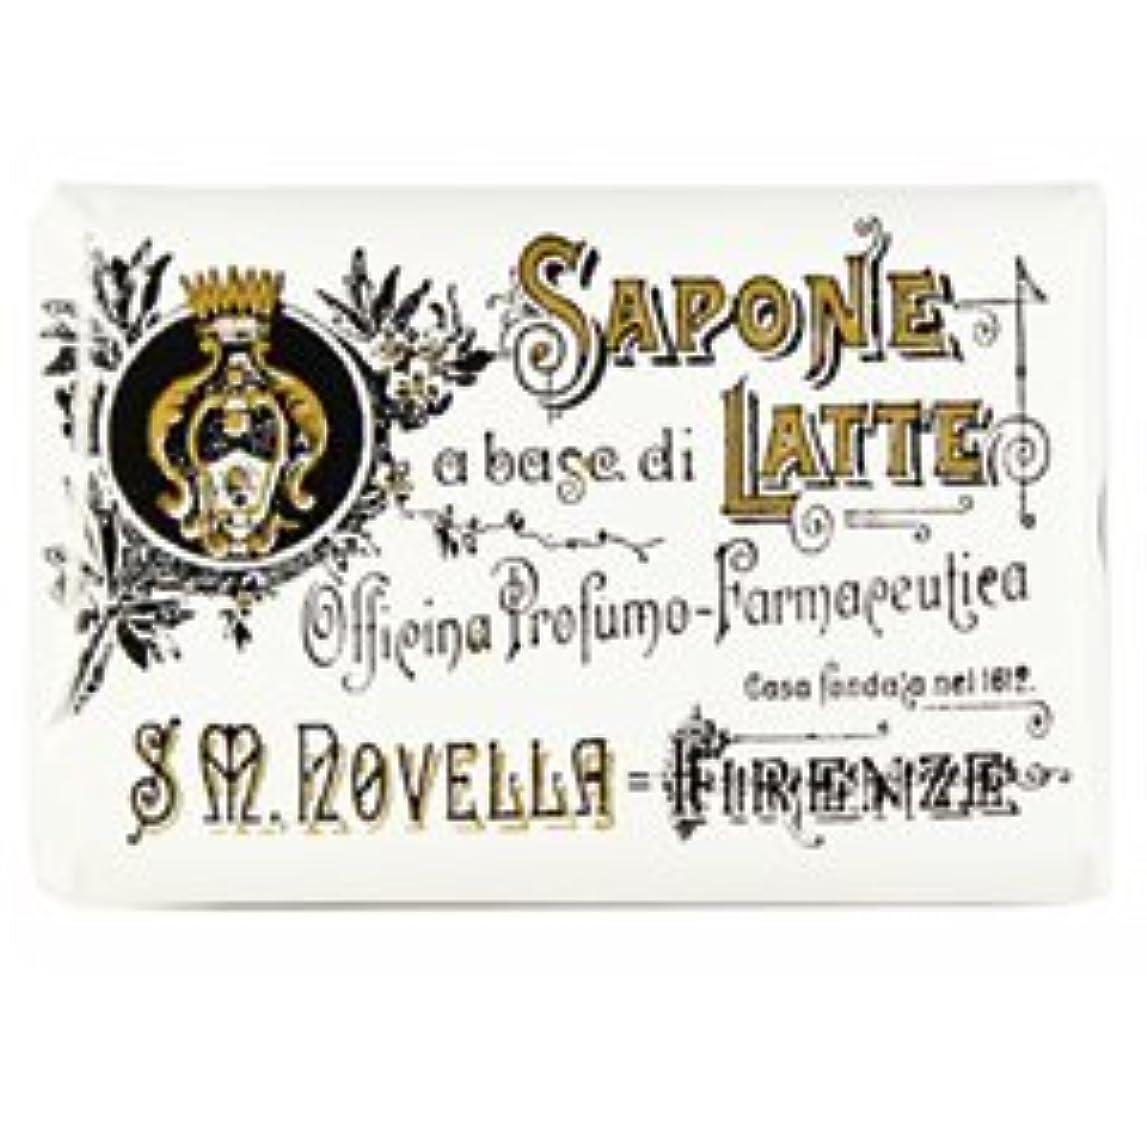 悔い改める富豪かもしれない【Santa Maria Novella(サンタマリアノヴェッラ )】ミルクソープ ビオレッタ 100g Milk Soap